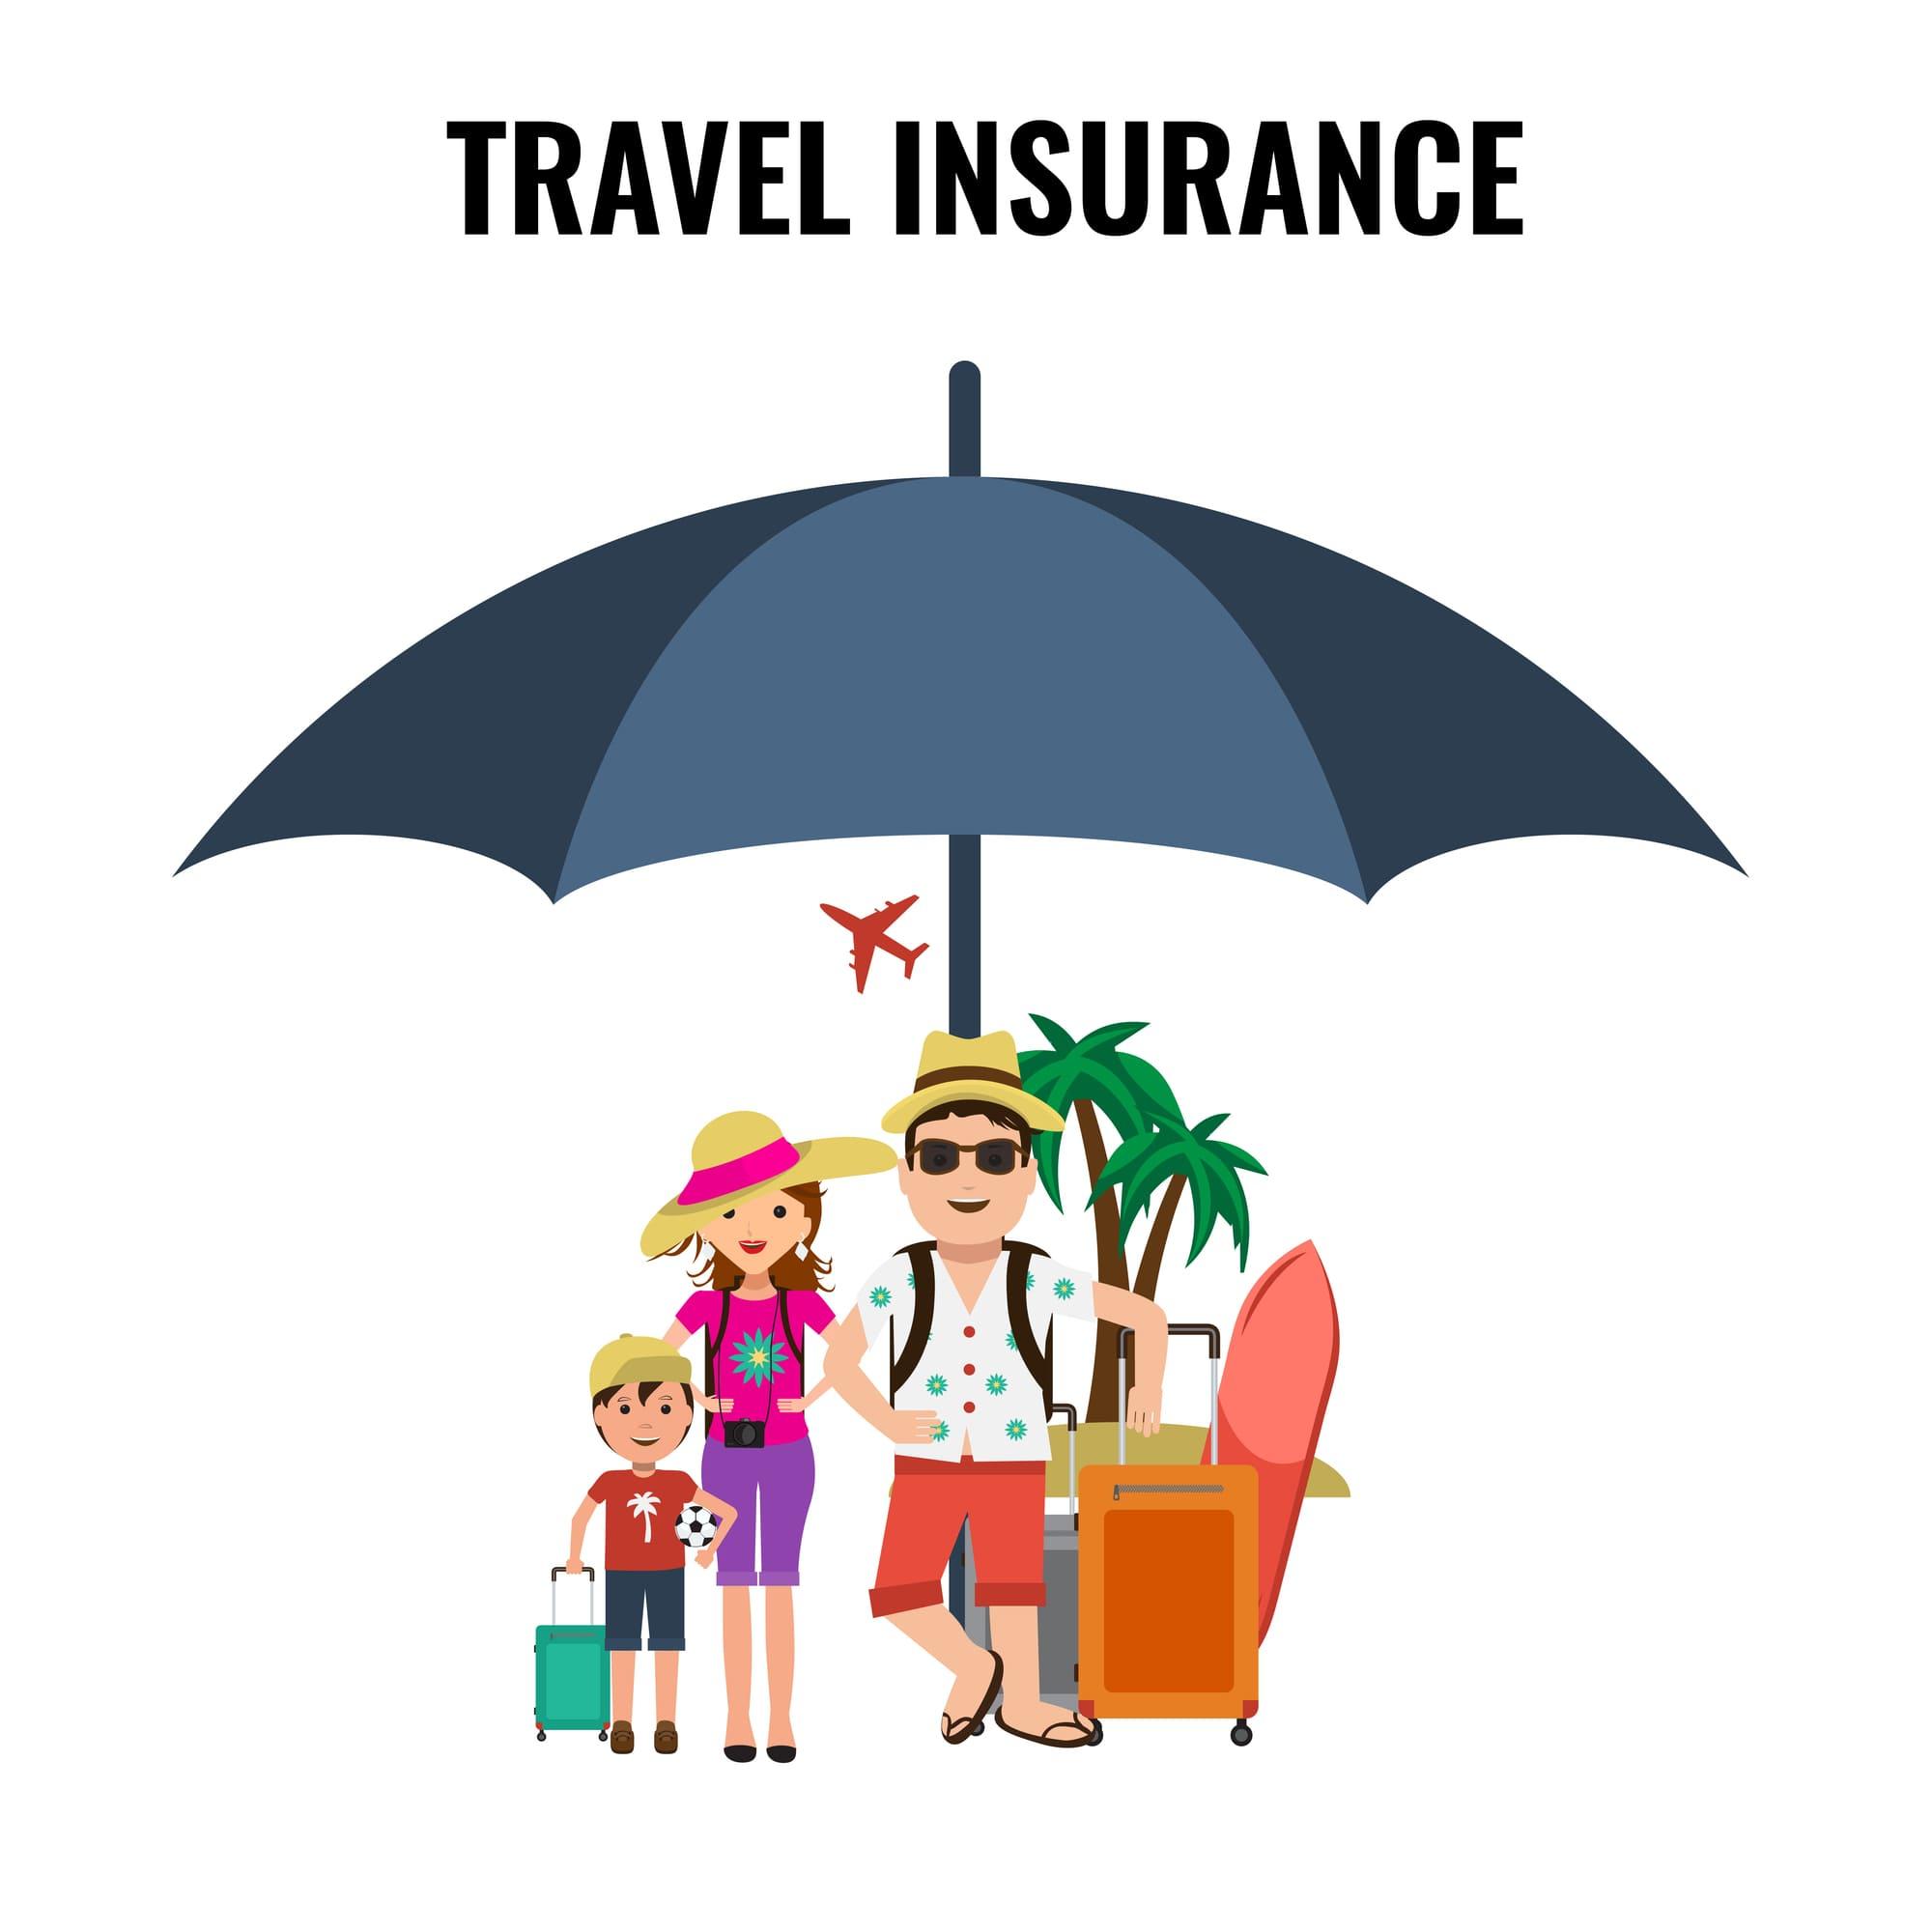 מה זה ביטוח נסיעות?